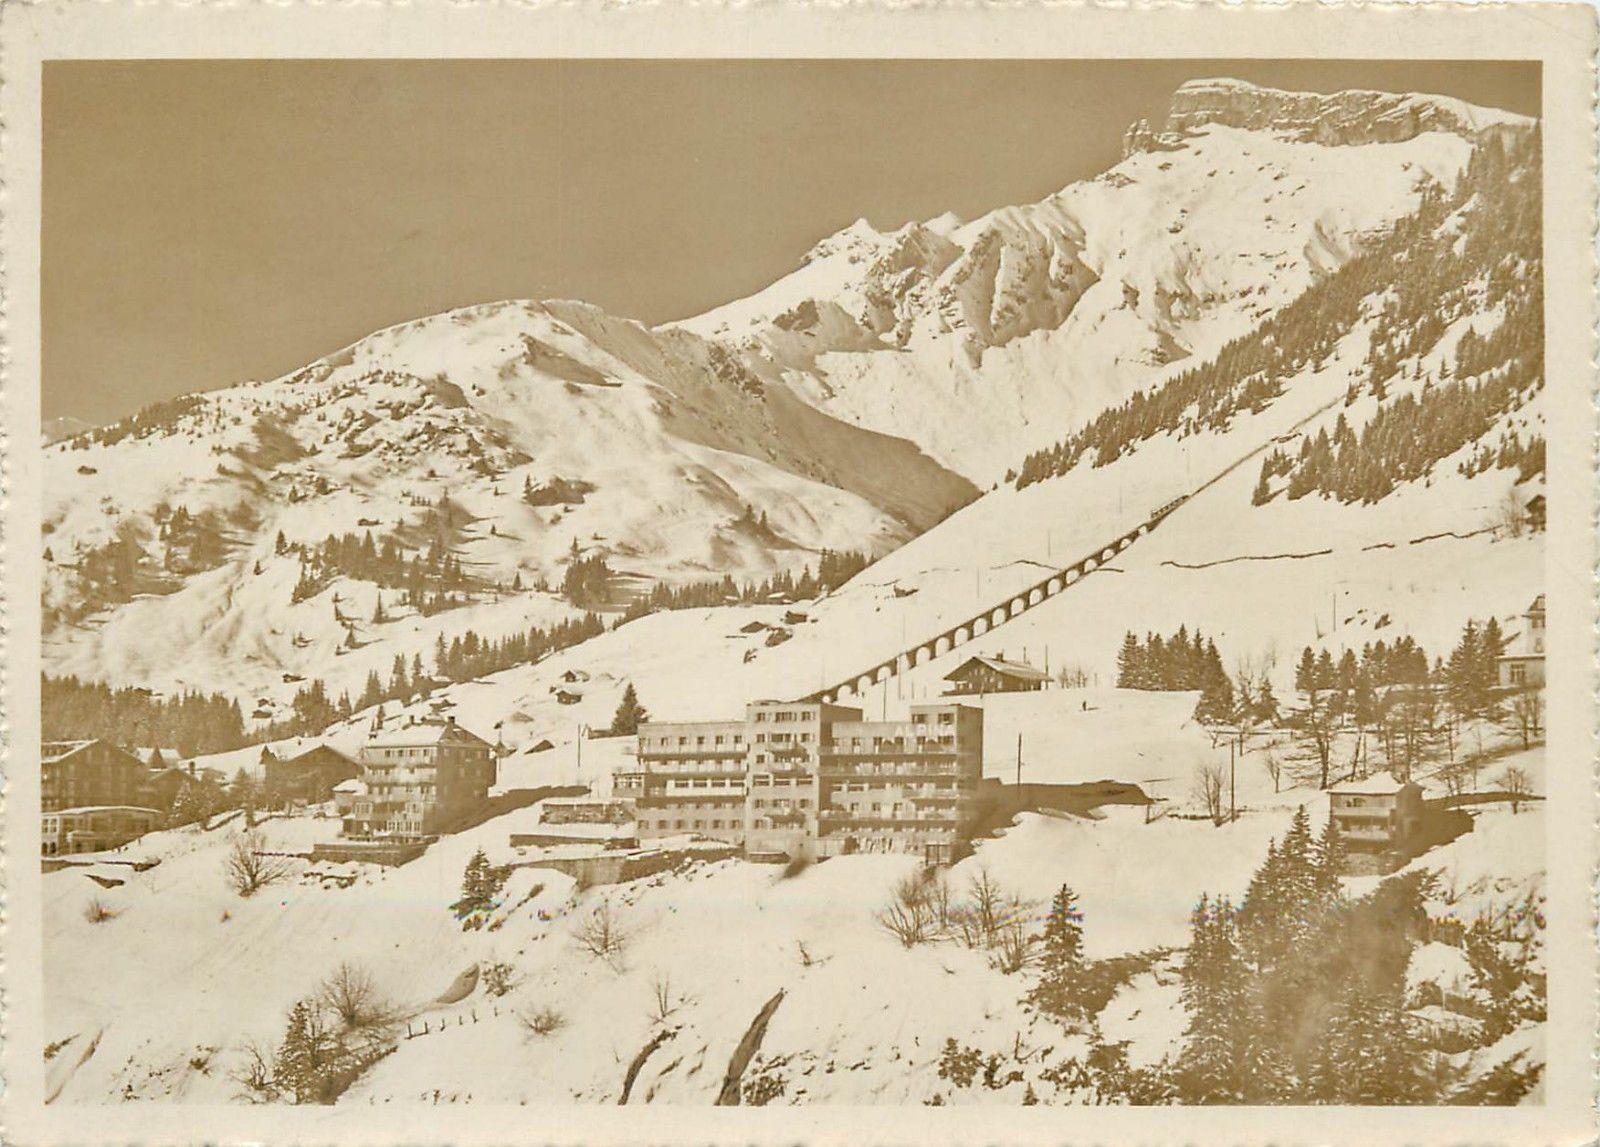 Hotel Alpina Murren Switzerland Rppc HipPostcard - Hotel alpina murren switzerland